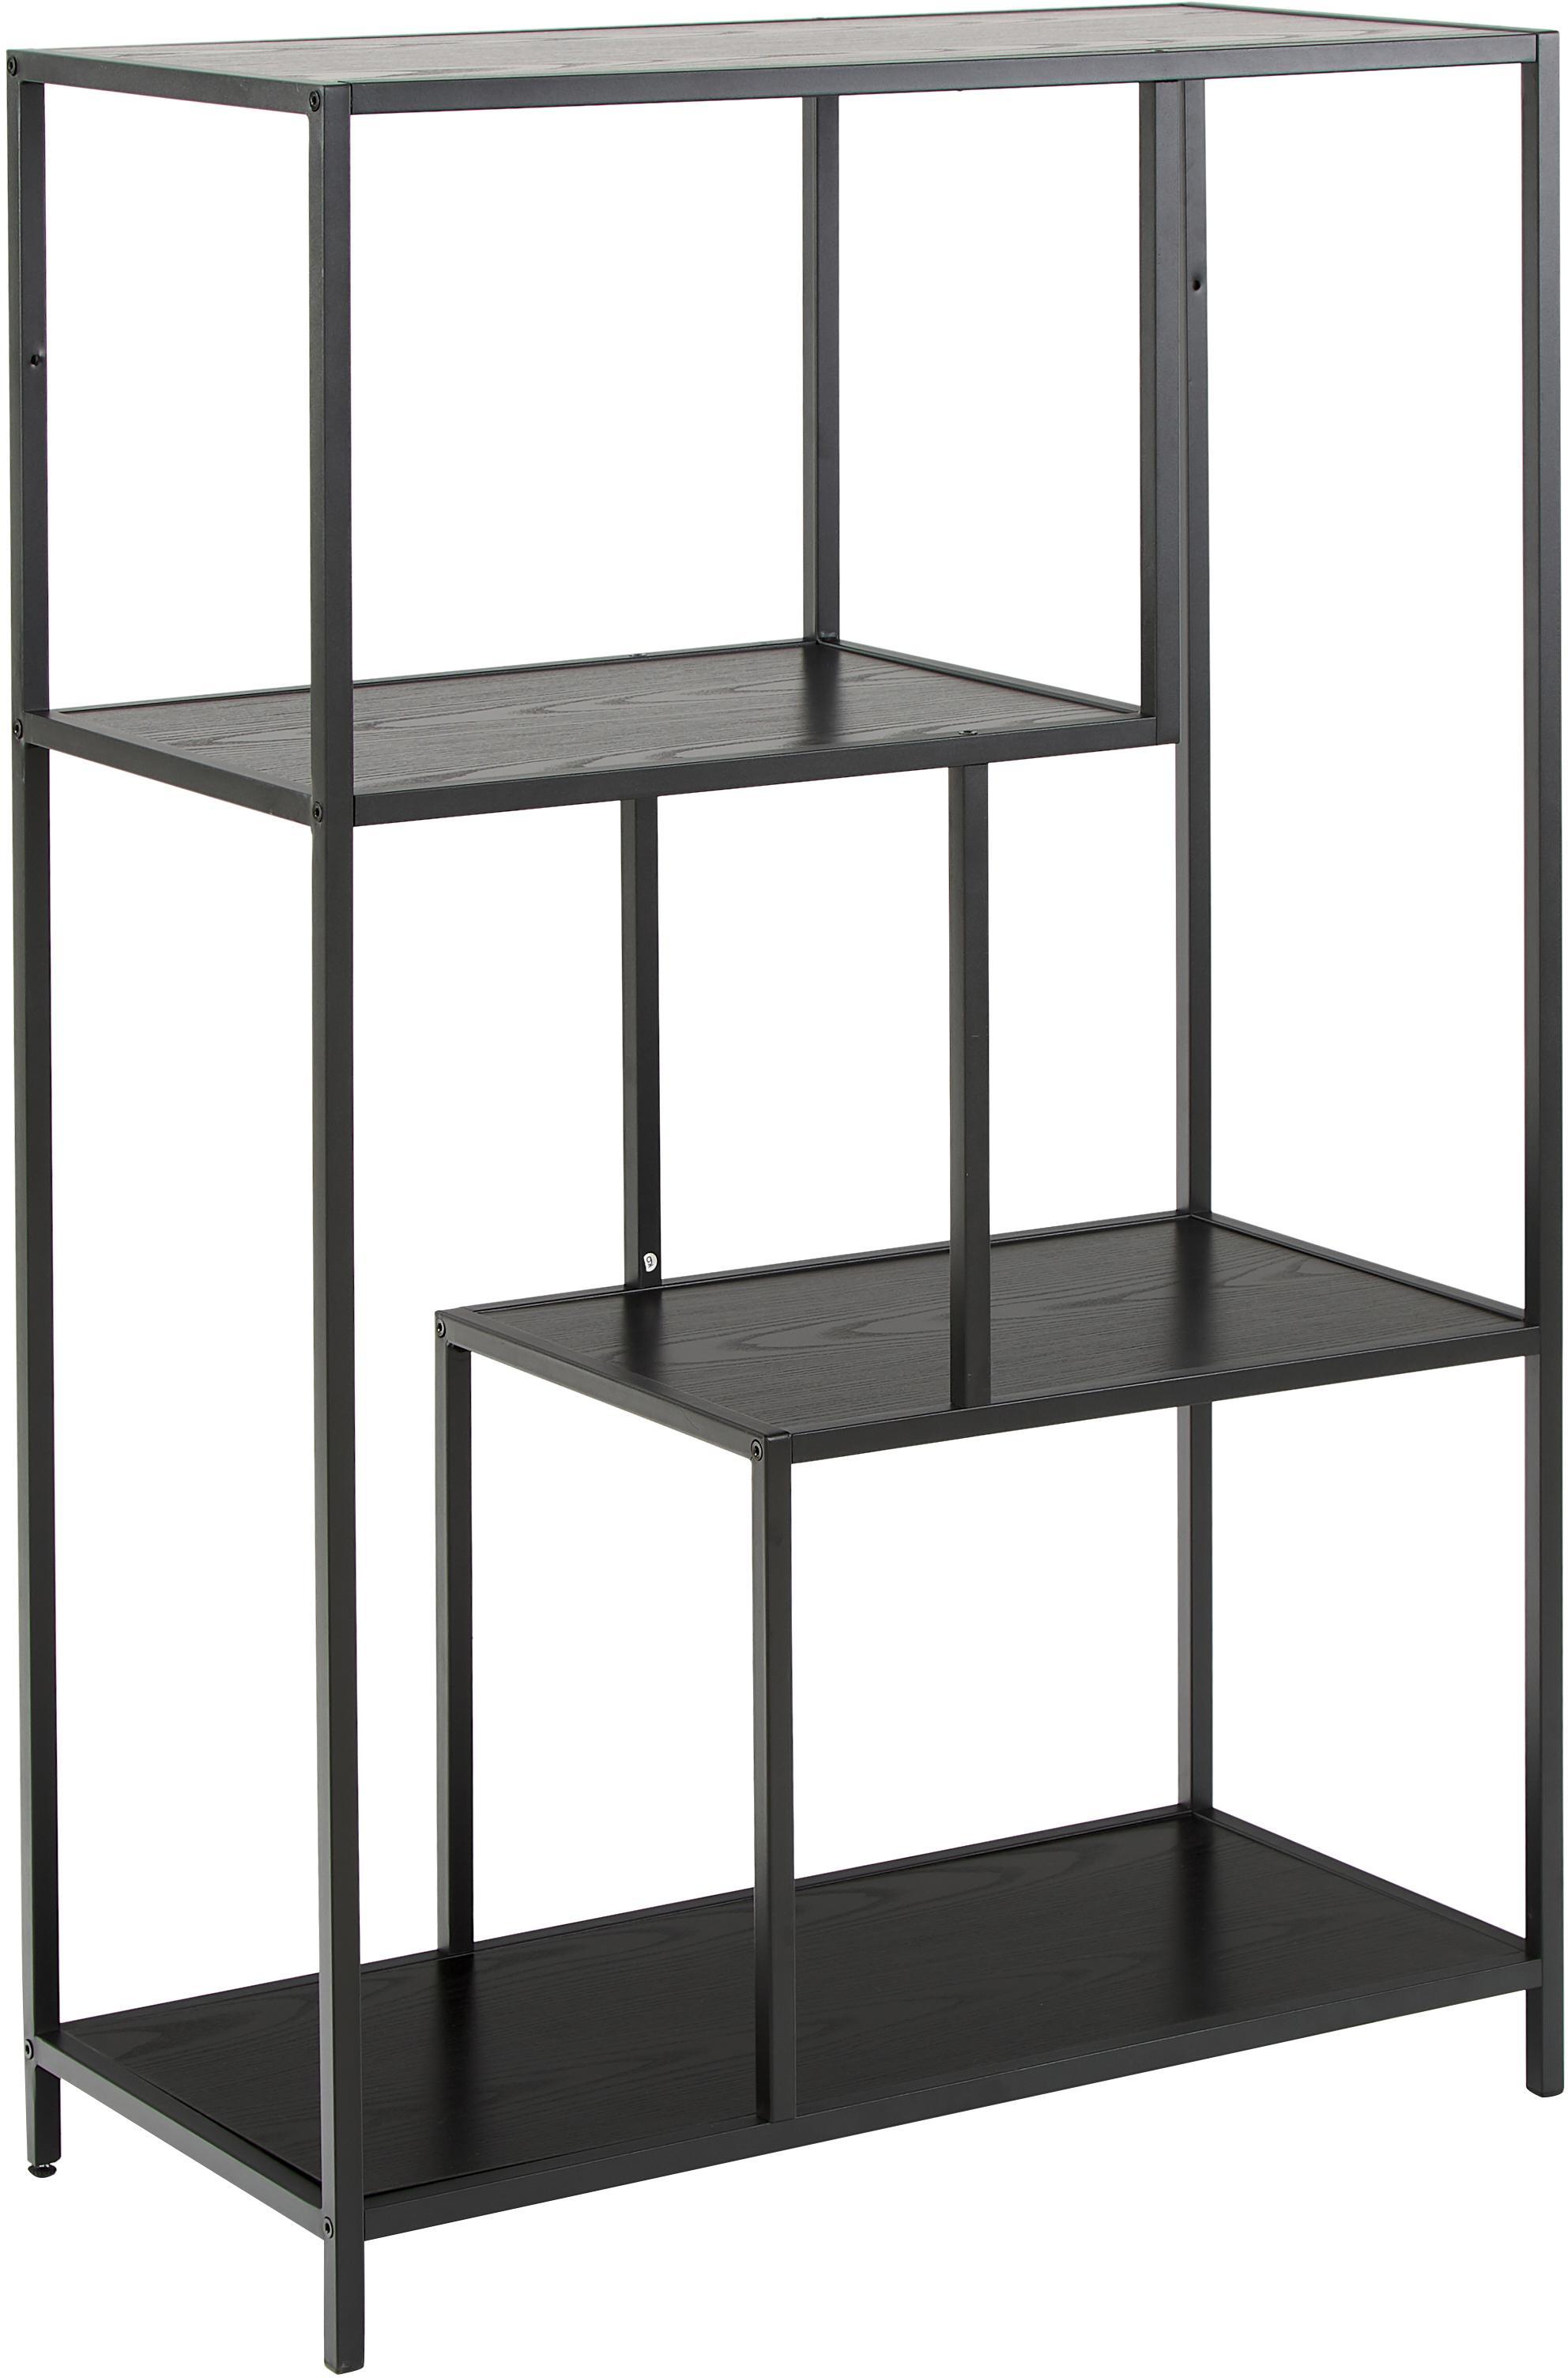 Wandrek Seaford Zig van hout en metaal, Frame: gepoedercoat metaal, Zwart, 77 x 114 cm